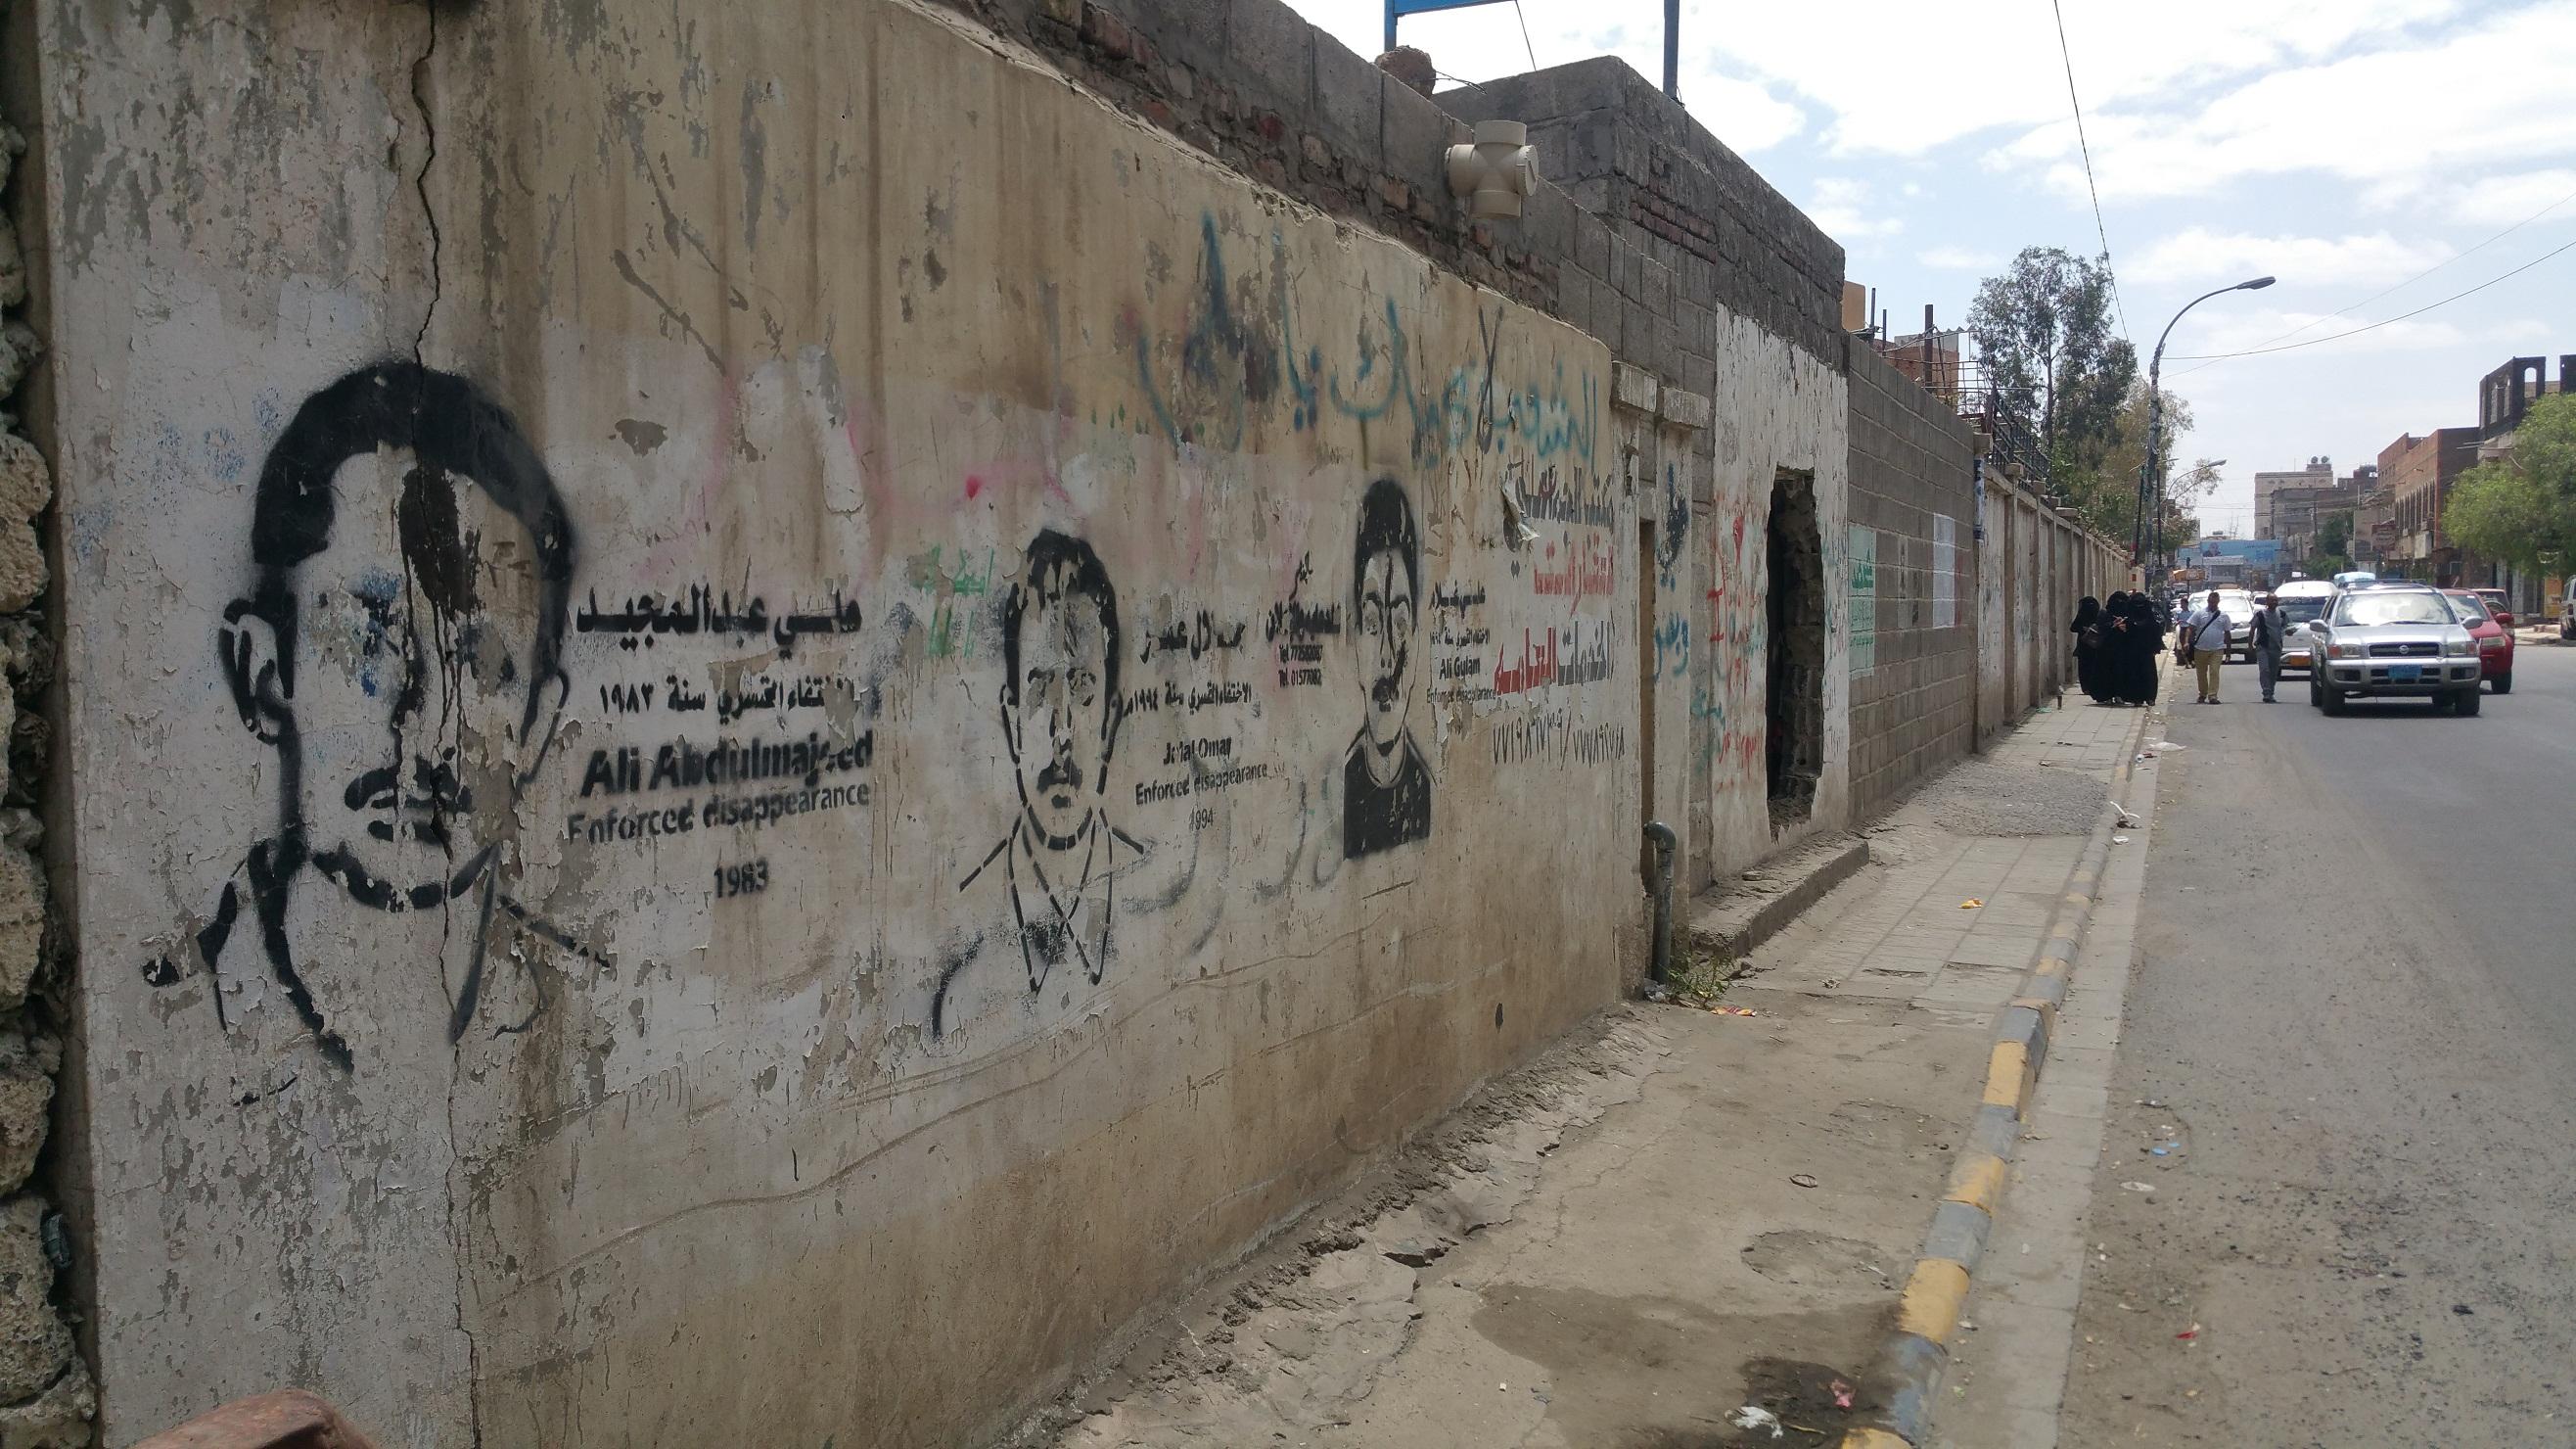 غرافيتي لوجوه يمنيين مخفيين قسرا رسمها الفنان اليمني مراد سبيع